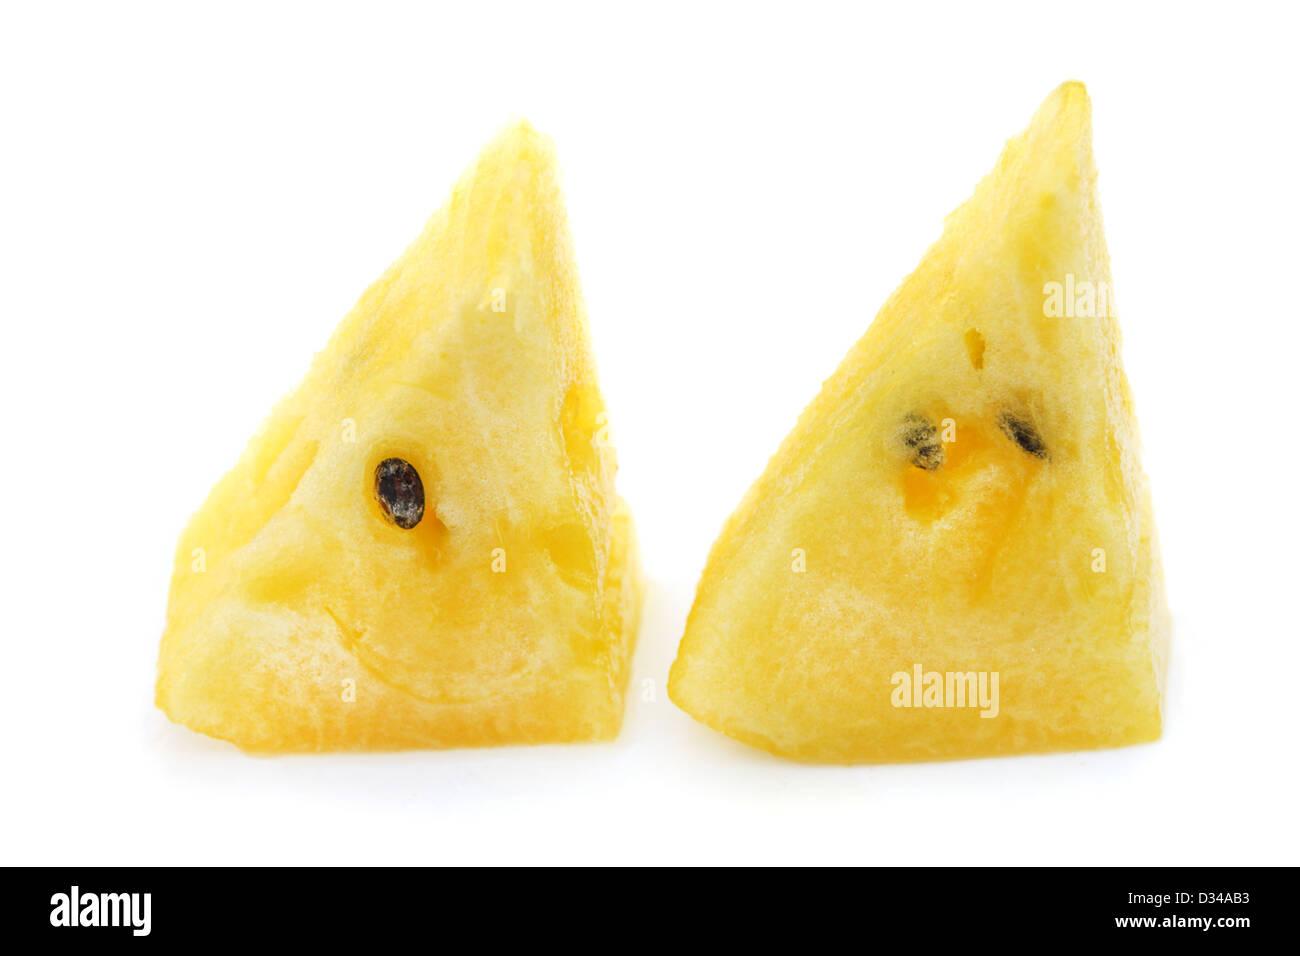 Trozo de sandía amarilla Foto de stock